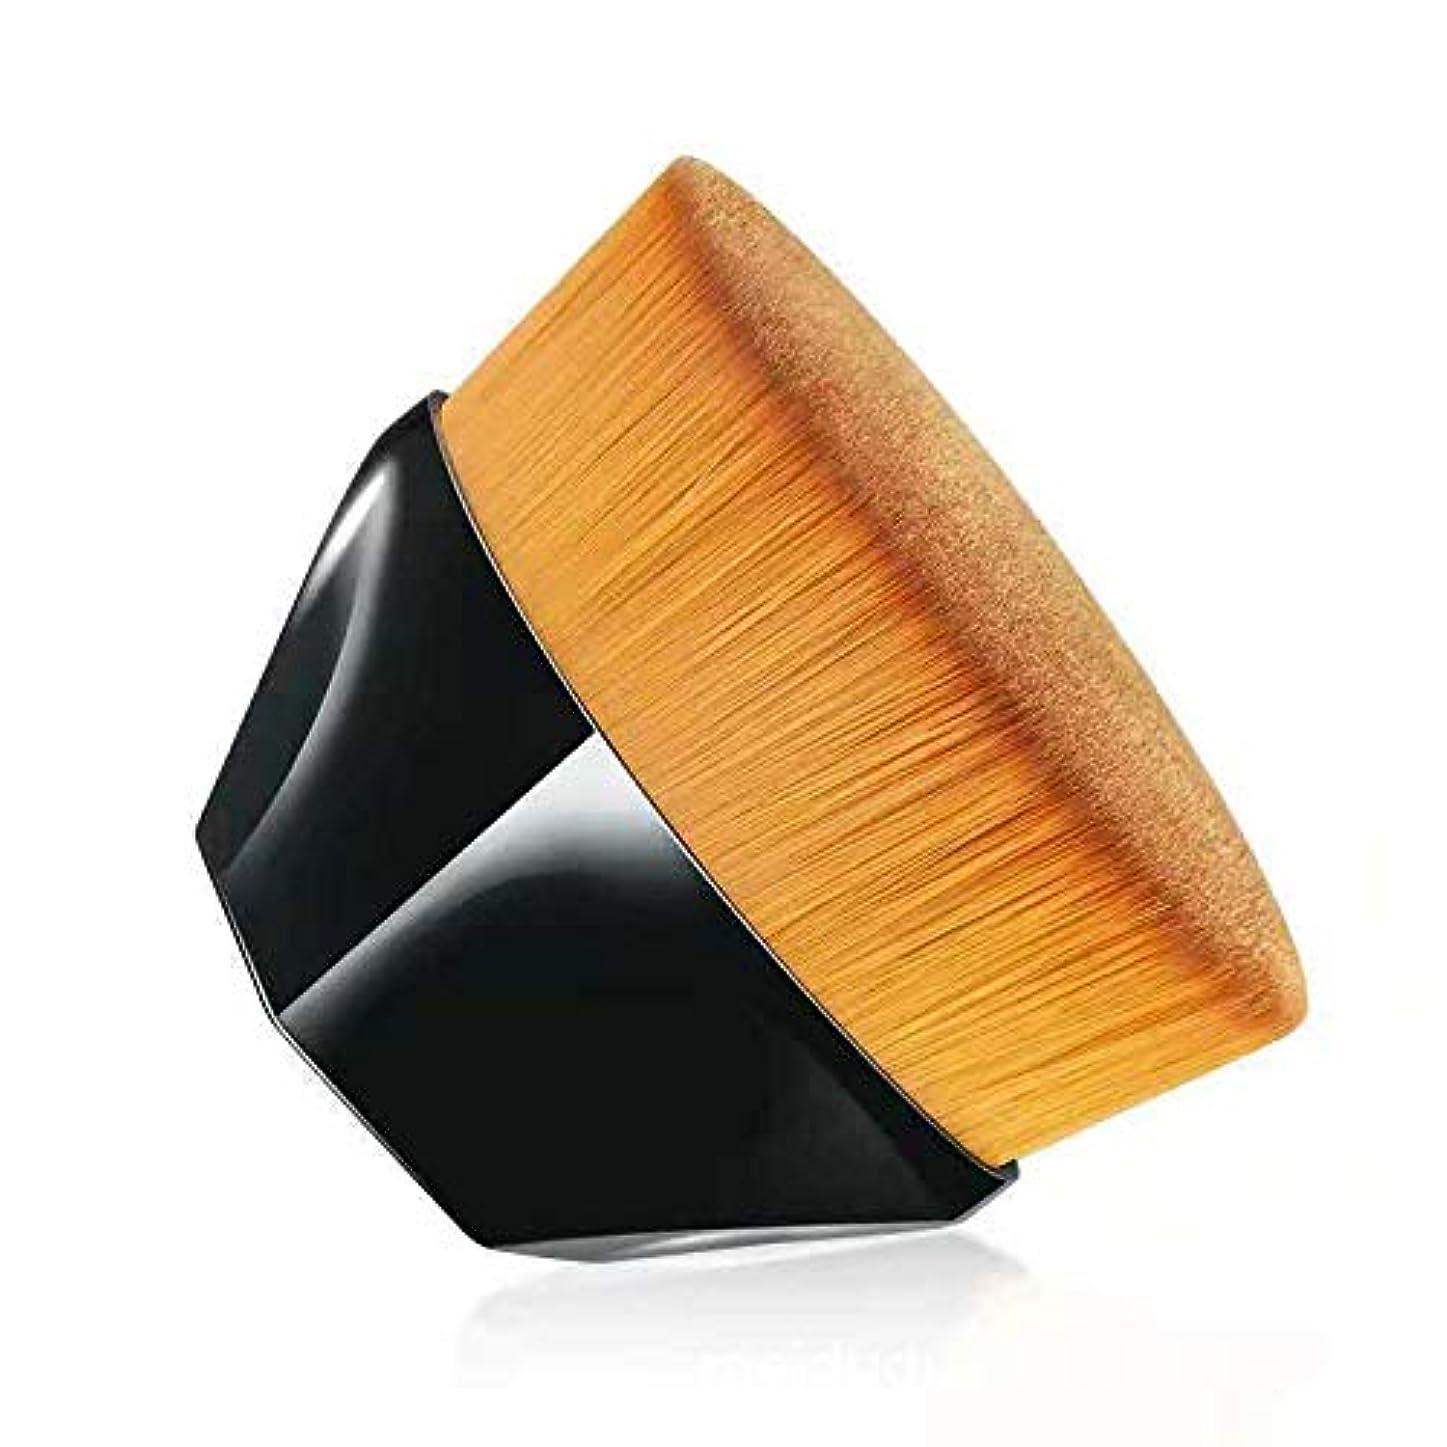 コーラス木説明的柔らかい高級繊維毛化粧ブラシ 携帯便利メイクアップブラシ 肌にやさしいファンデーションブラシ 化粧筆 (ブラック)